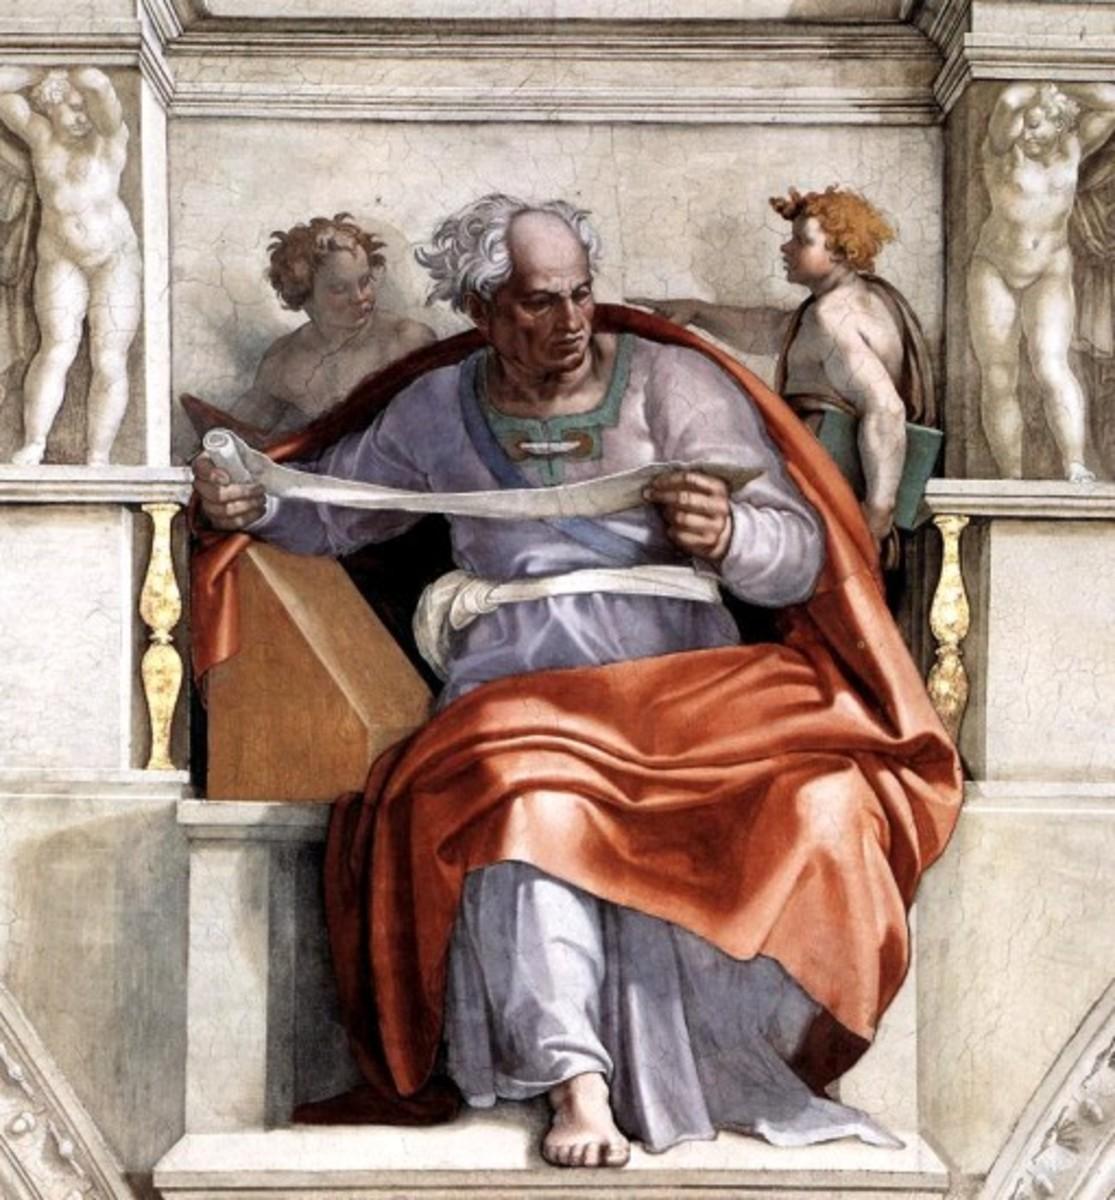 The Prophet Joel, Michelangelo Buonarroti (1475-1564)